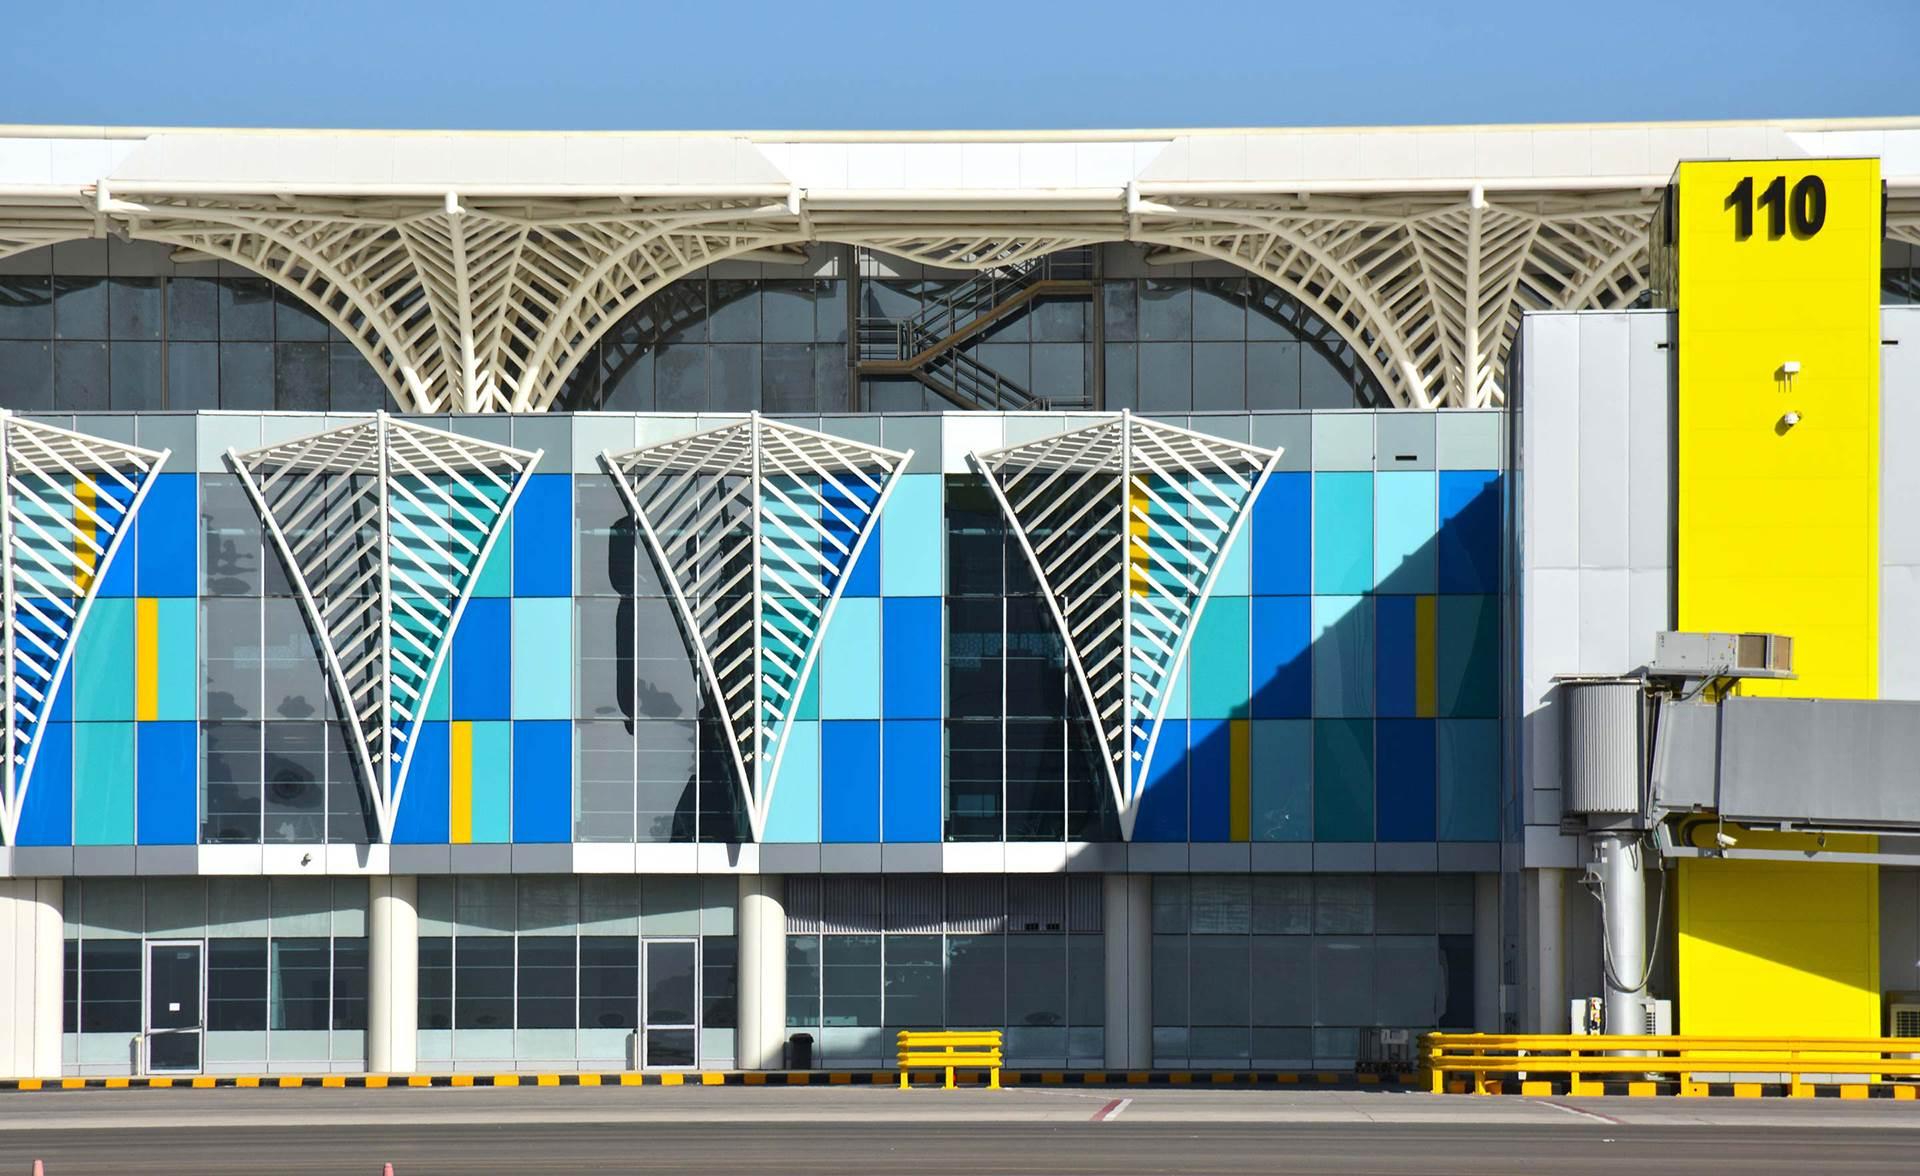 Medina Airport